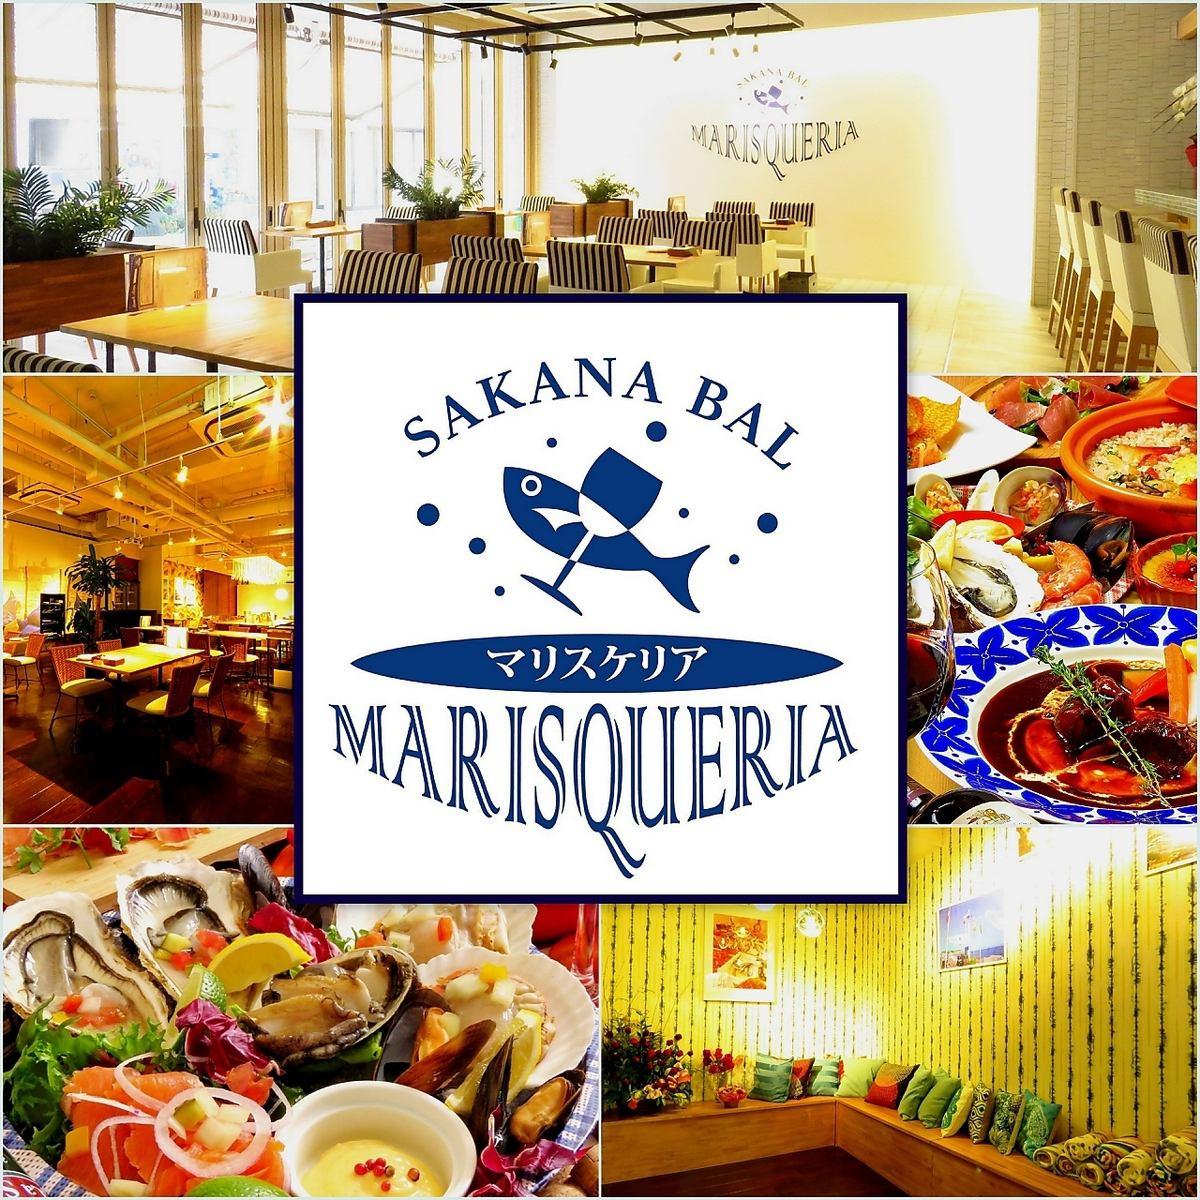 它标志着地中海度假胜地大量♪☆露台海鲜餐厅及酒吧风格的商店★